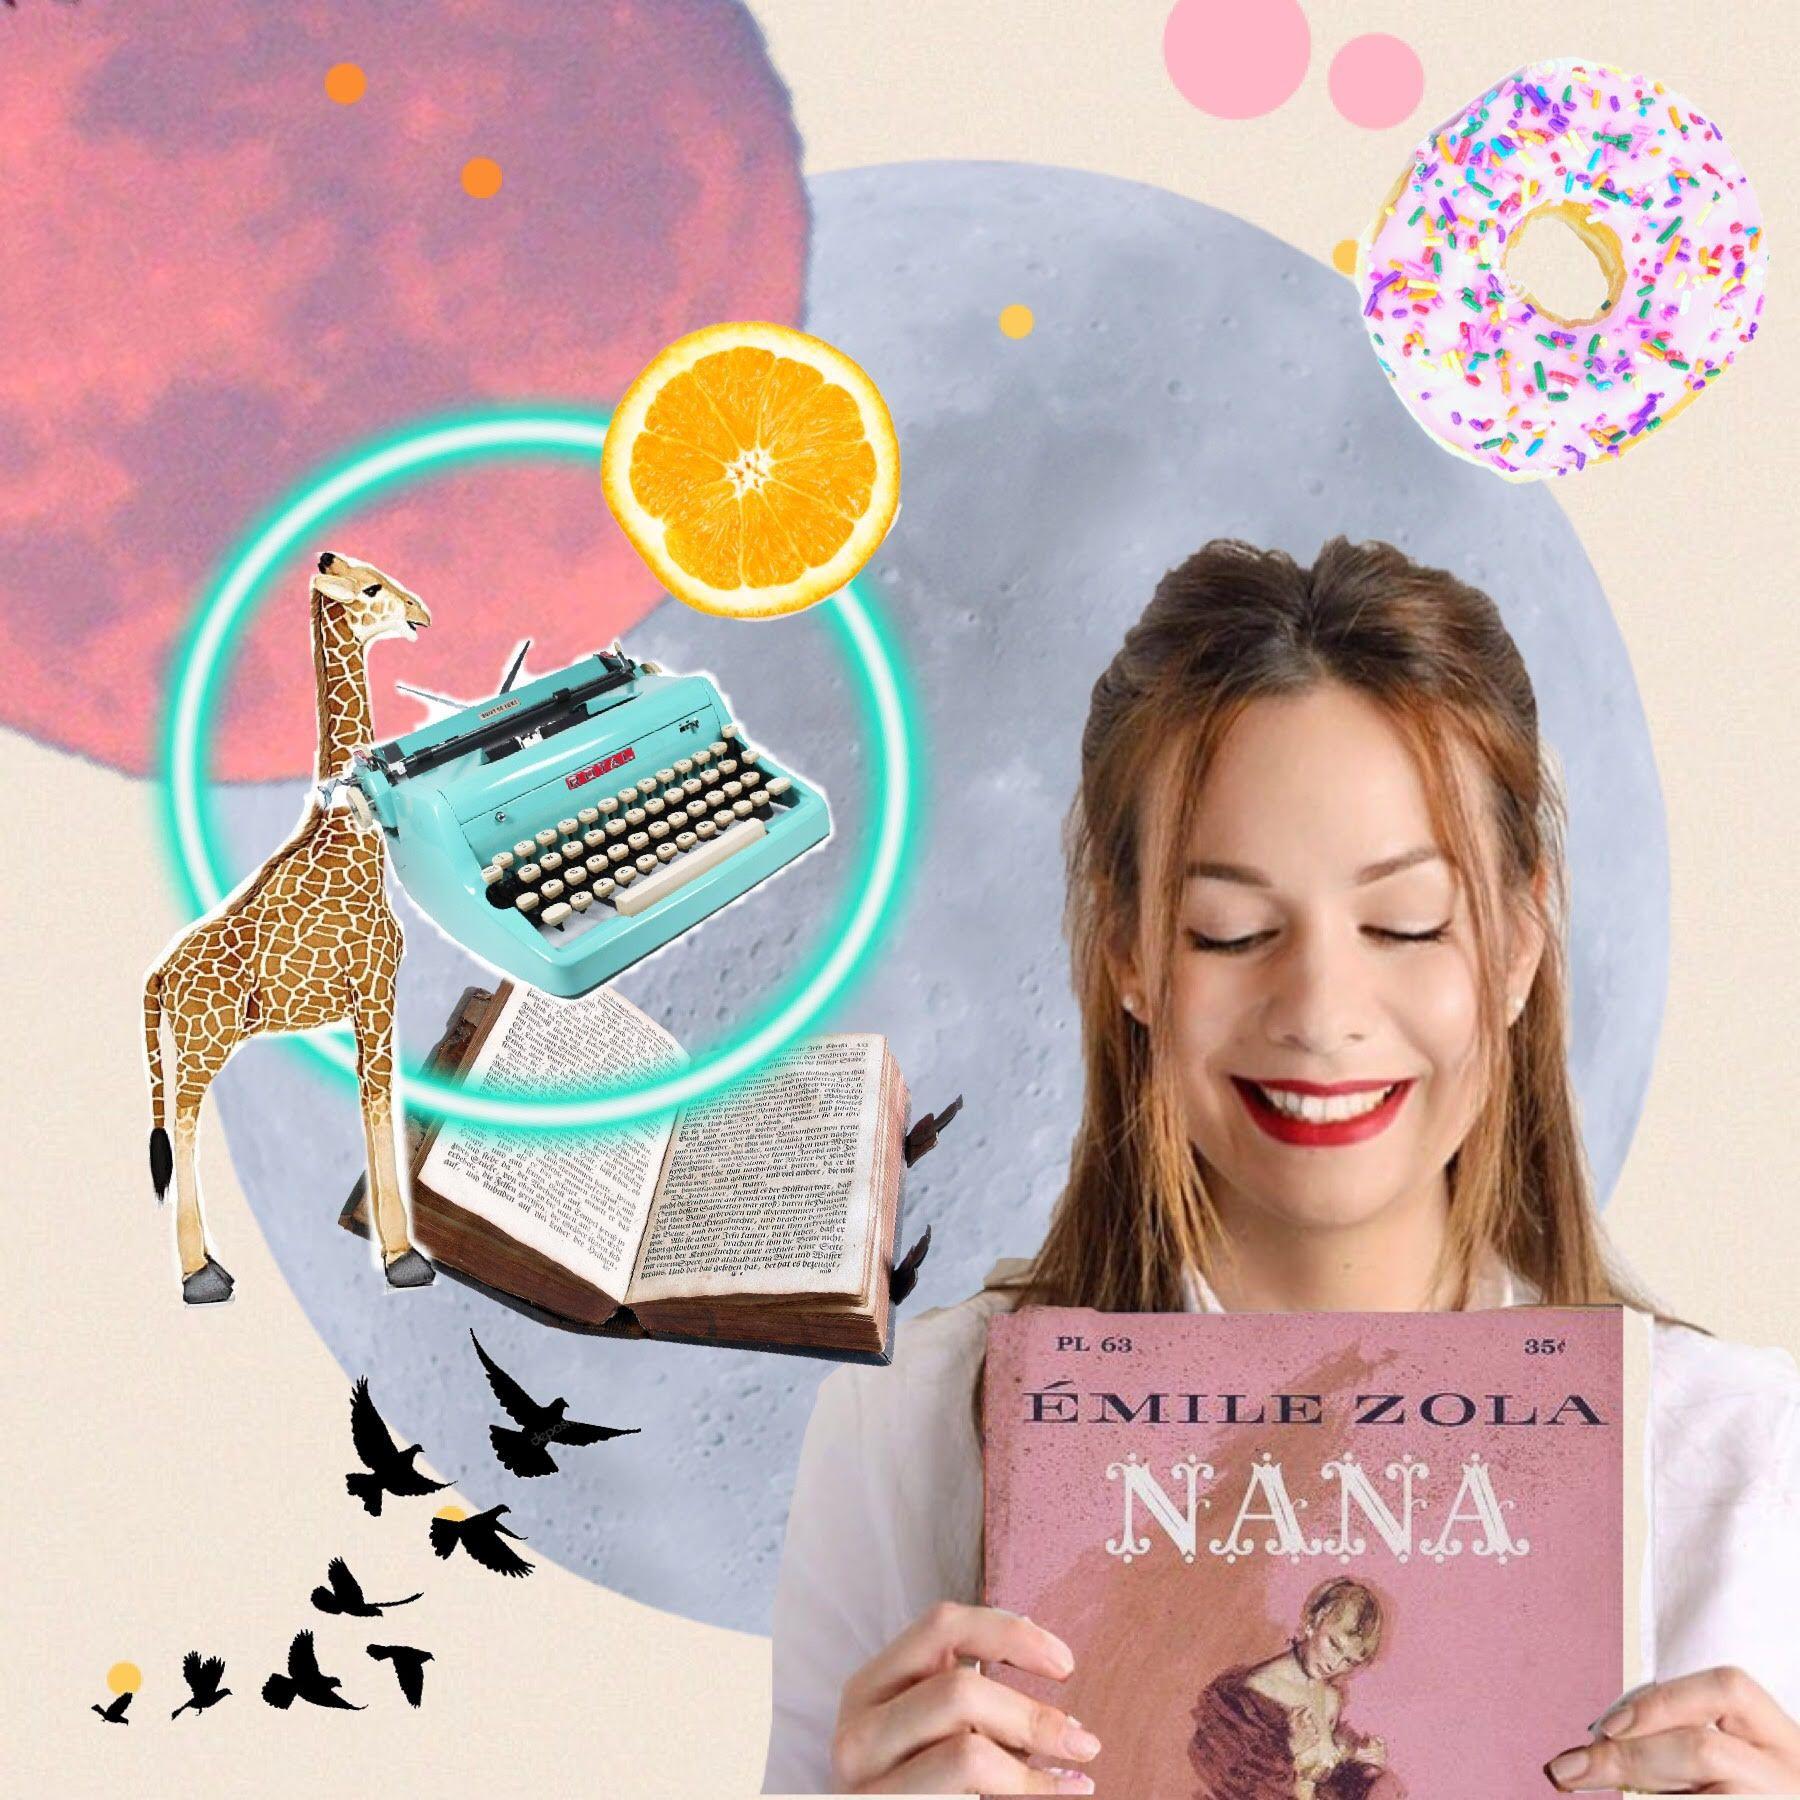 """Nana Nadarević: """"Knjige zaista liječe dušu bolje od ičega. Osim možda čokolade, i ona je prilično efikasna"""""""